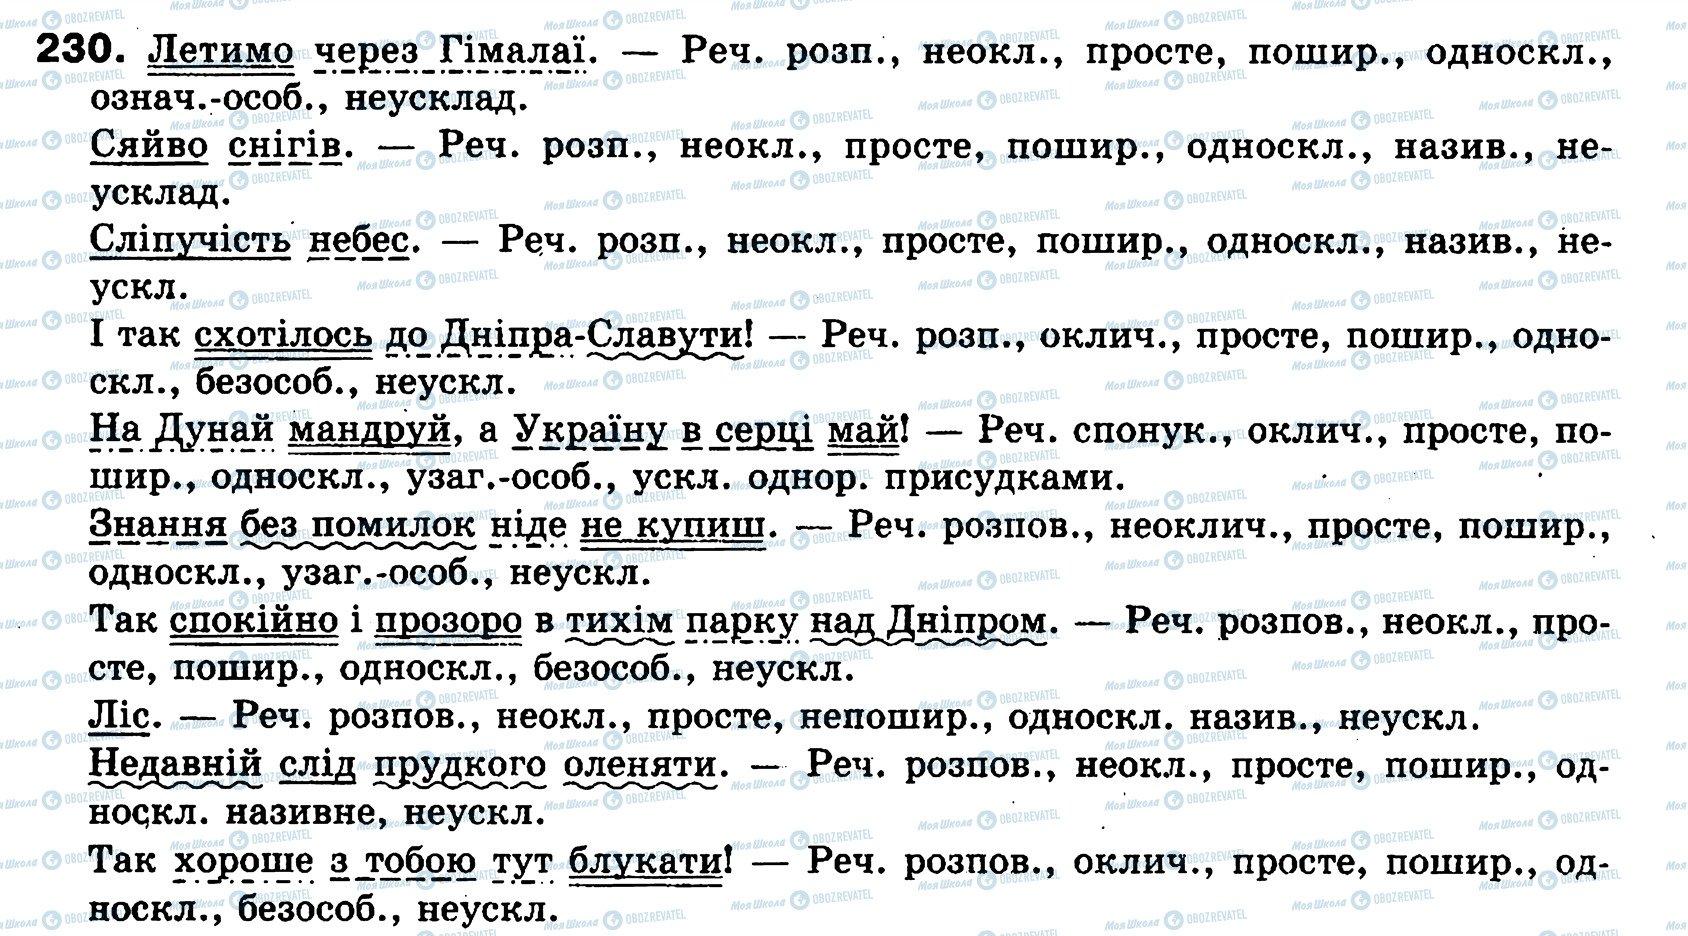 ГДЗ Українська мова 8 клас сторінка 230